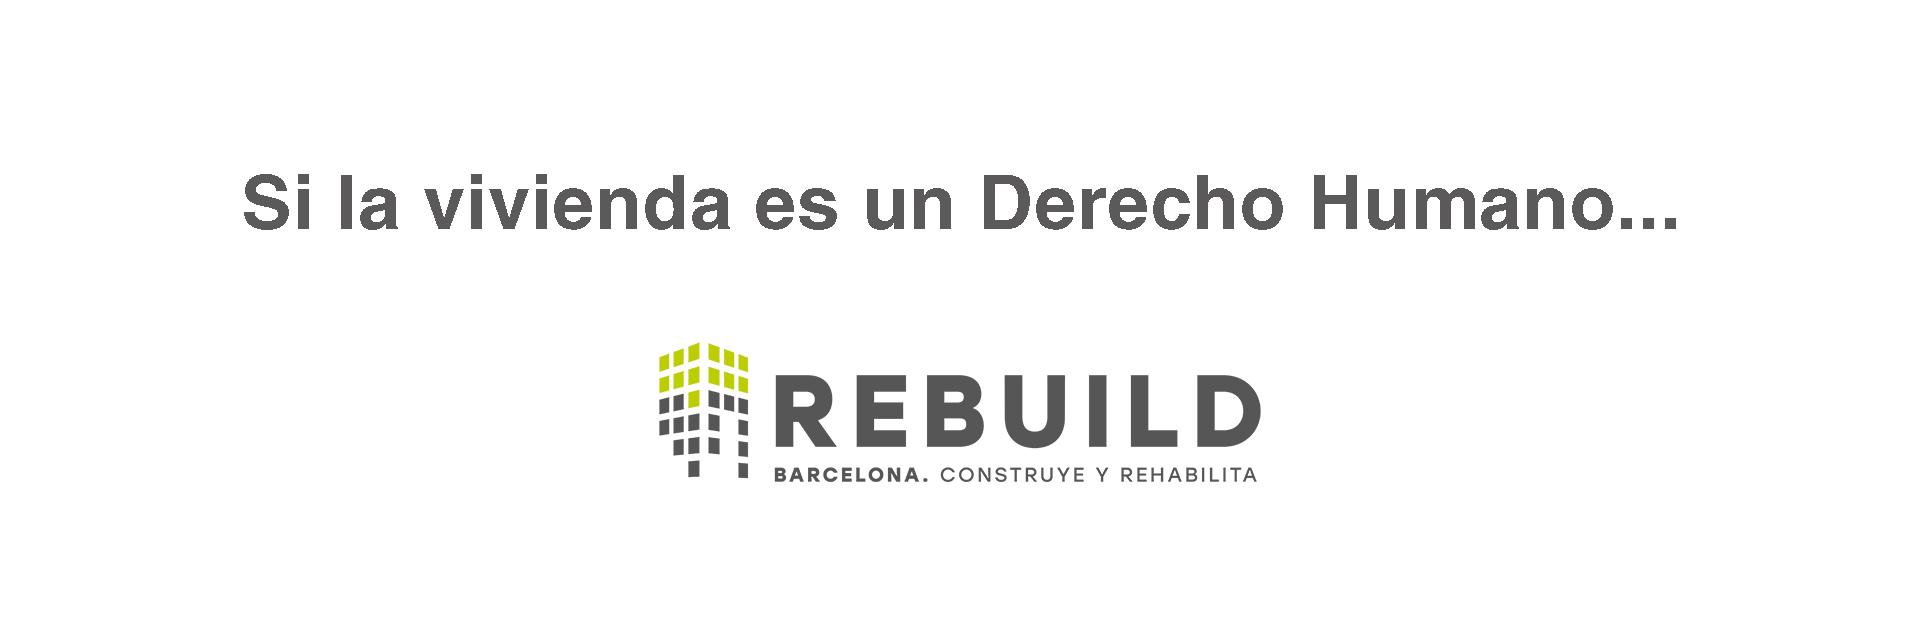 Rebuild vivienda derecho humano picharchitects arquitectura sostenible barcelona